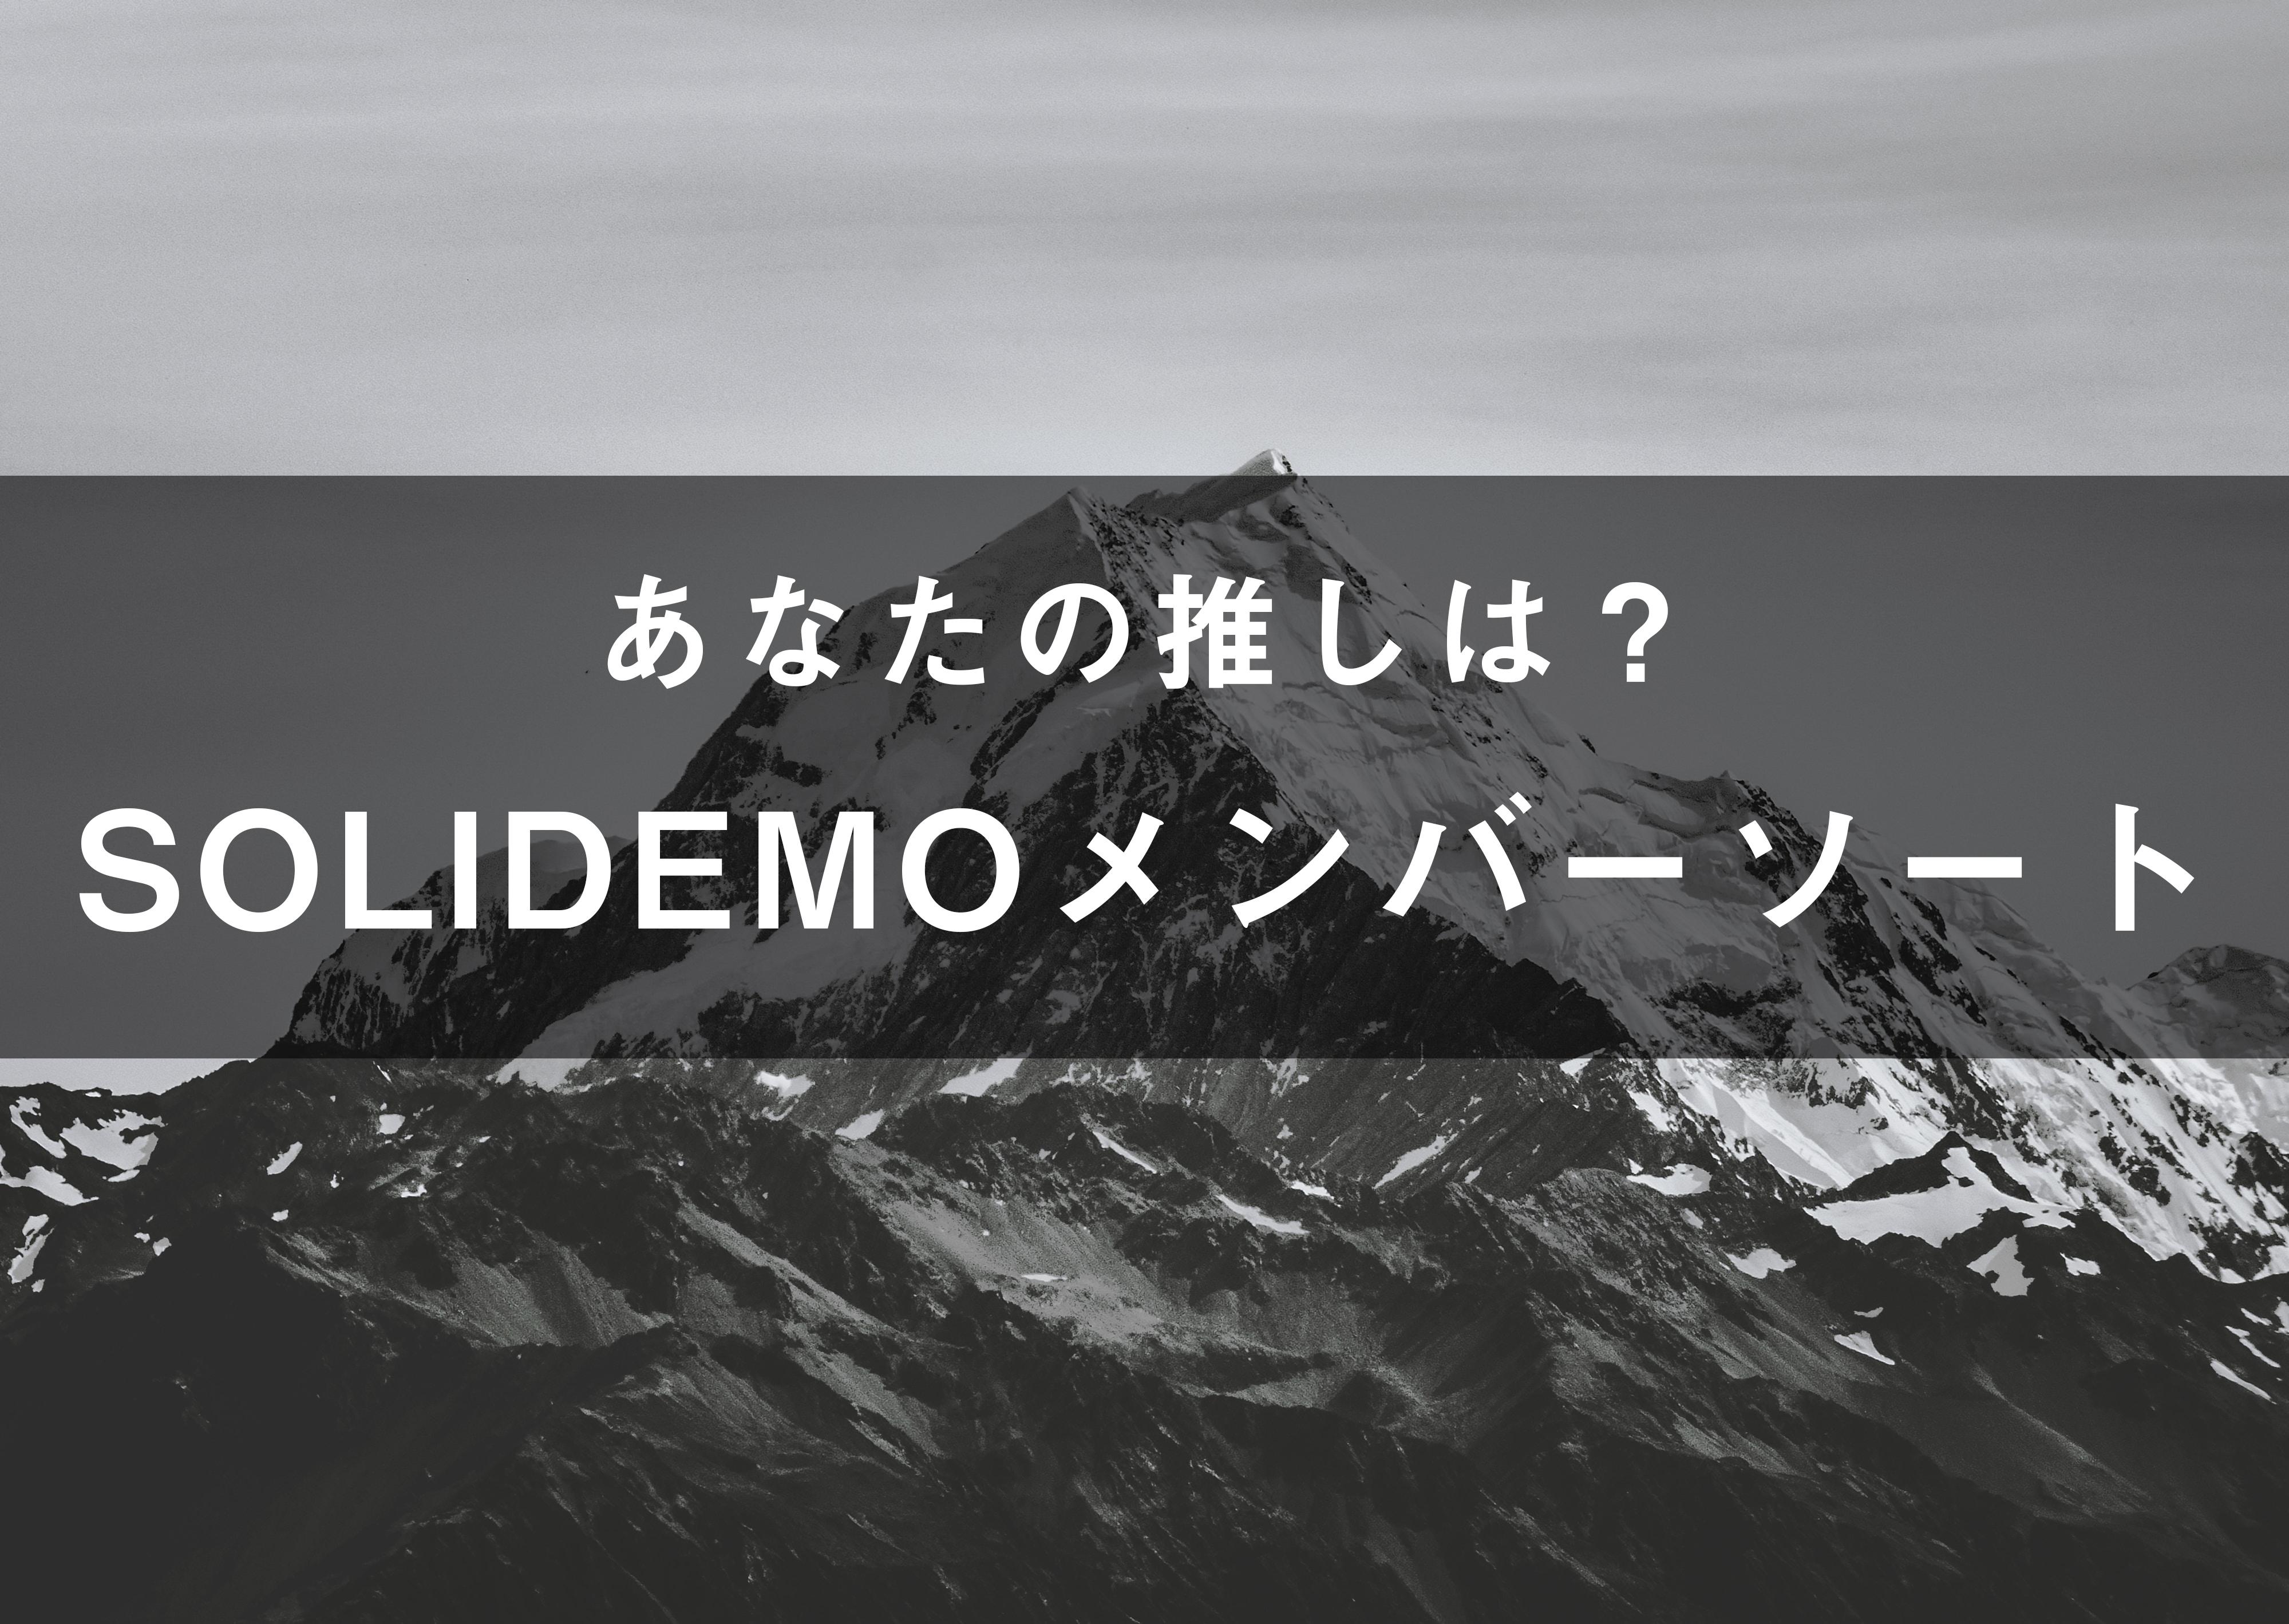 SOLIDEMO(ソリディーモ)の画像付きメンバーソート